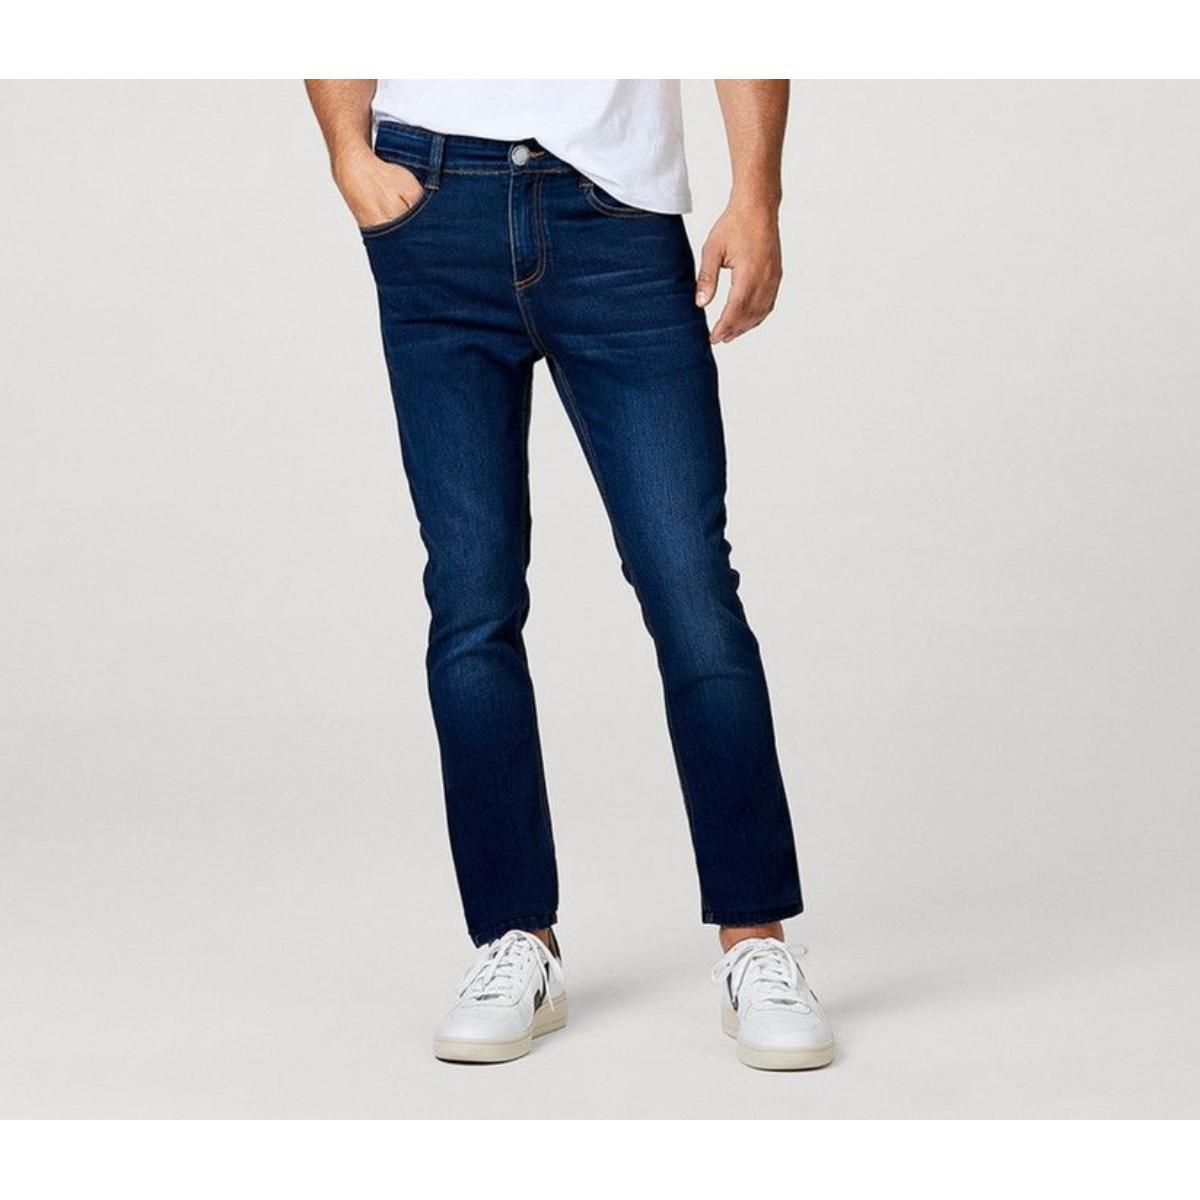 Calça Masculina Hering Kz0f  1bsi Jeans Escuro